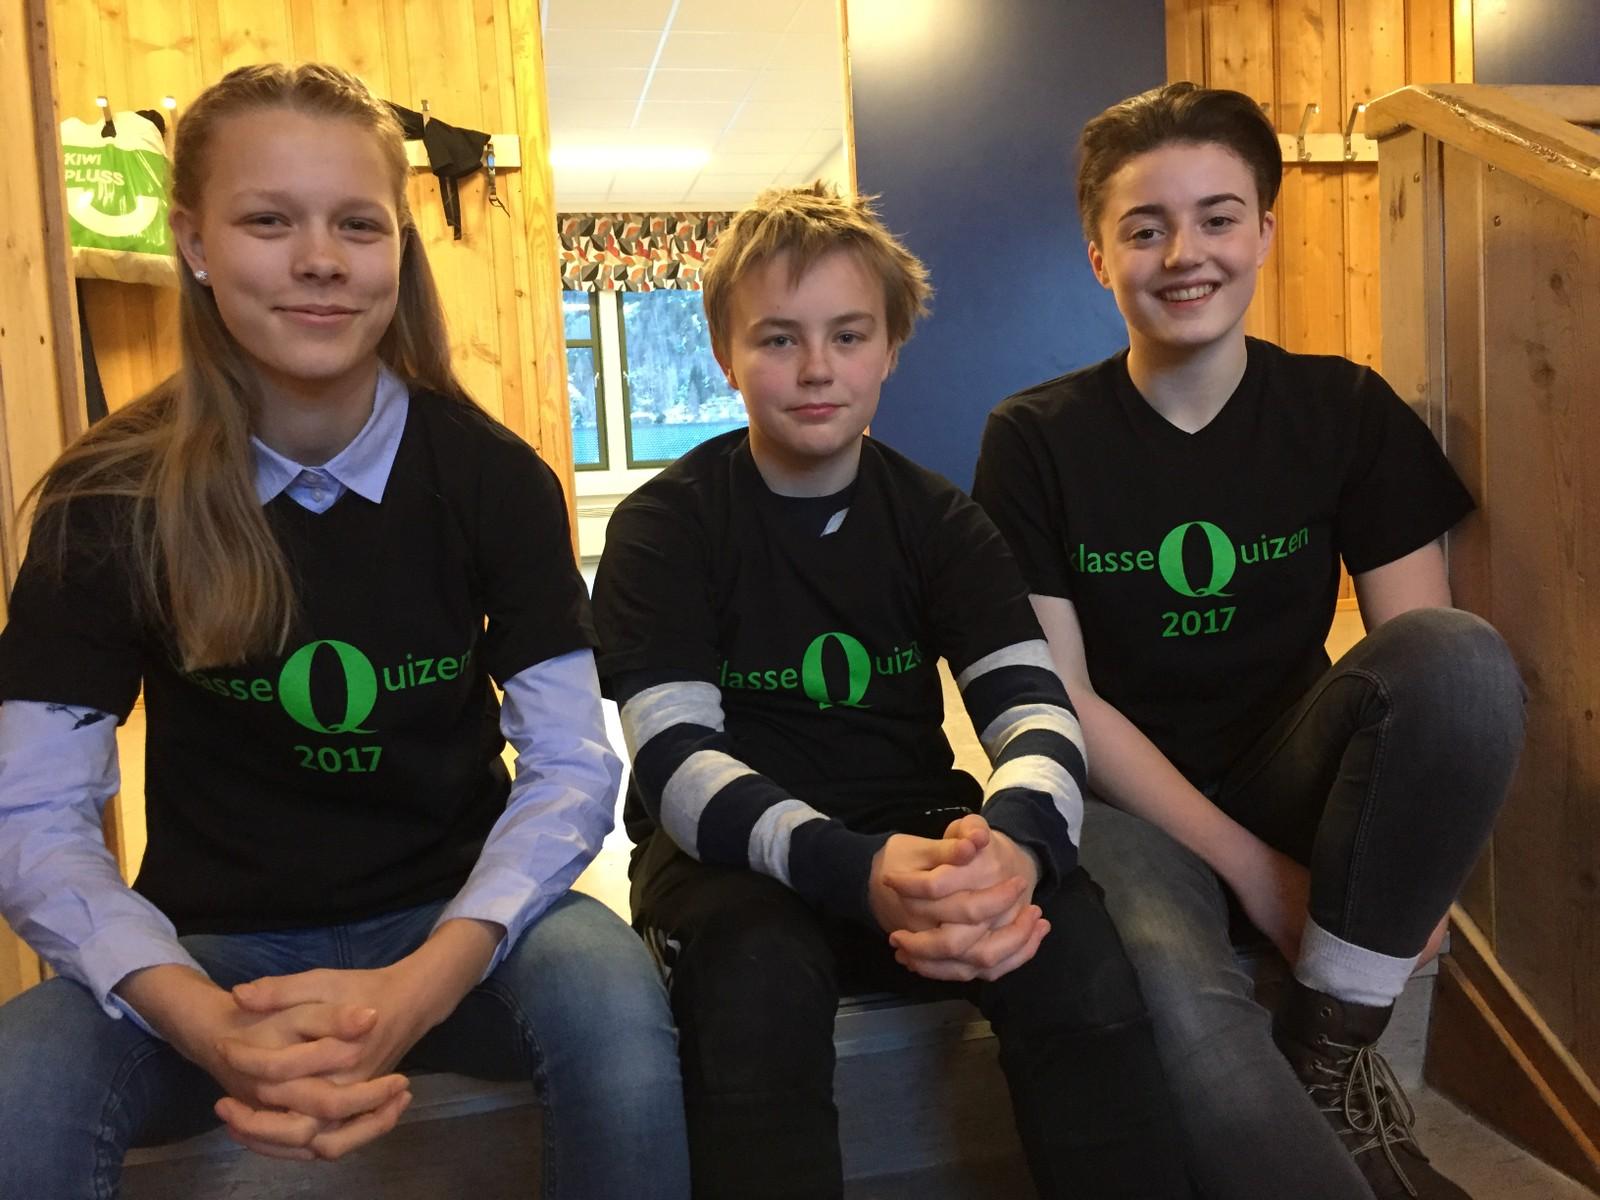 Jorid Skogen Vorkinn, Halvor Gården Sveen og Eirin Berg Lillebråten fra Vågå ungdomsskule fikk åtte rette,